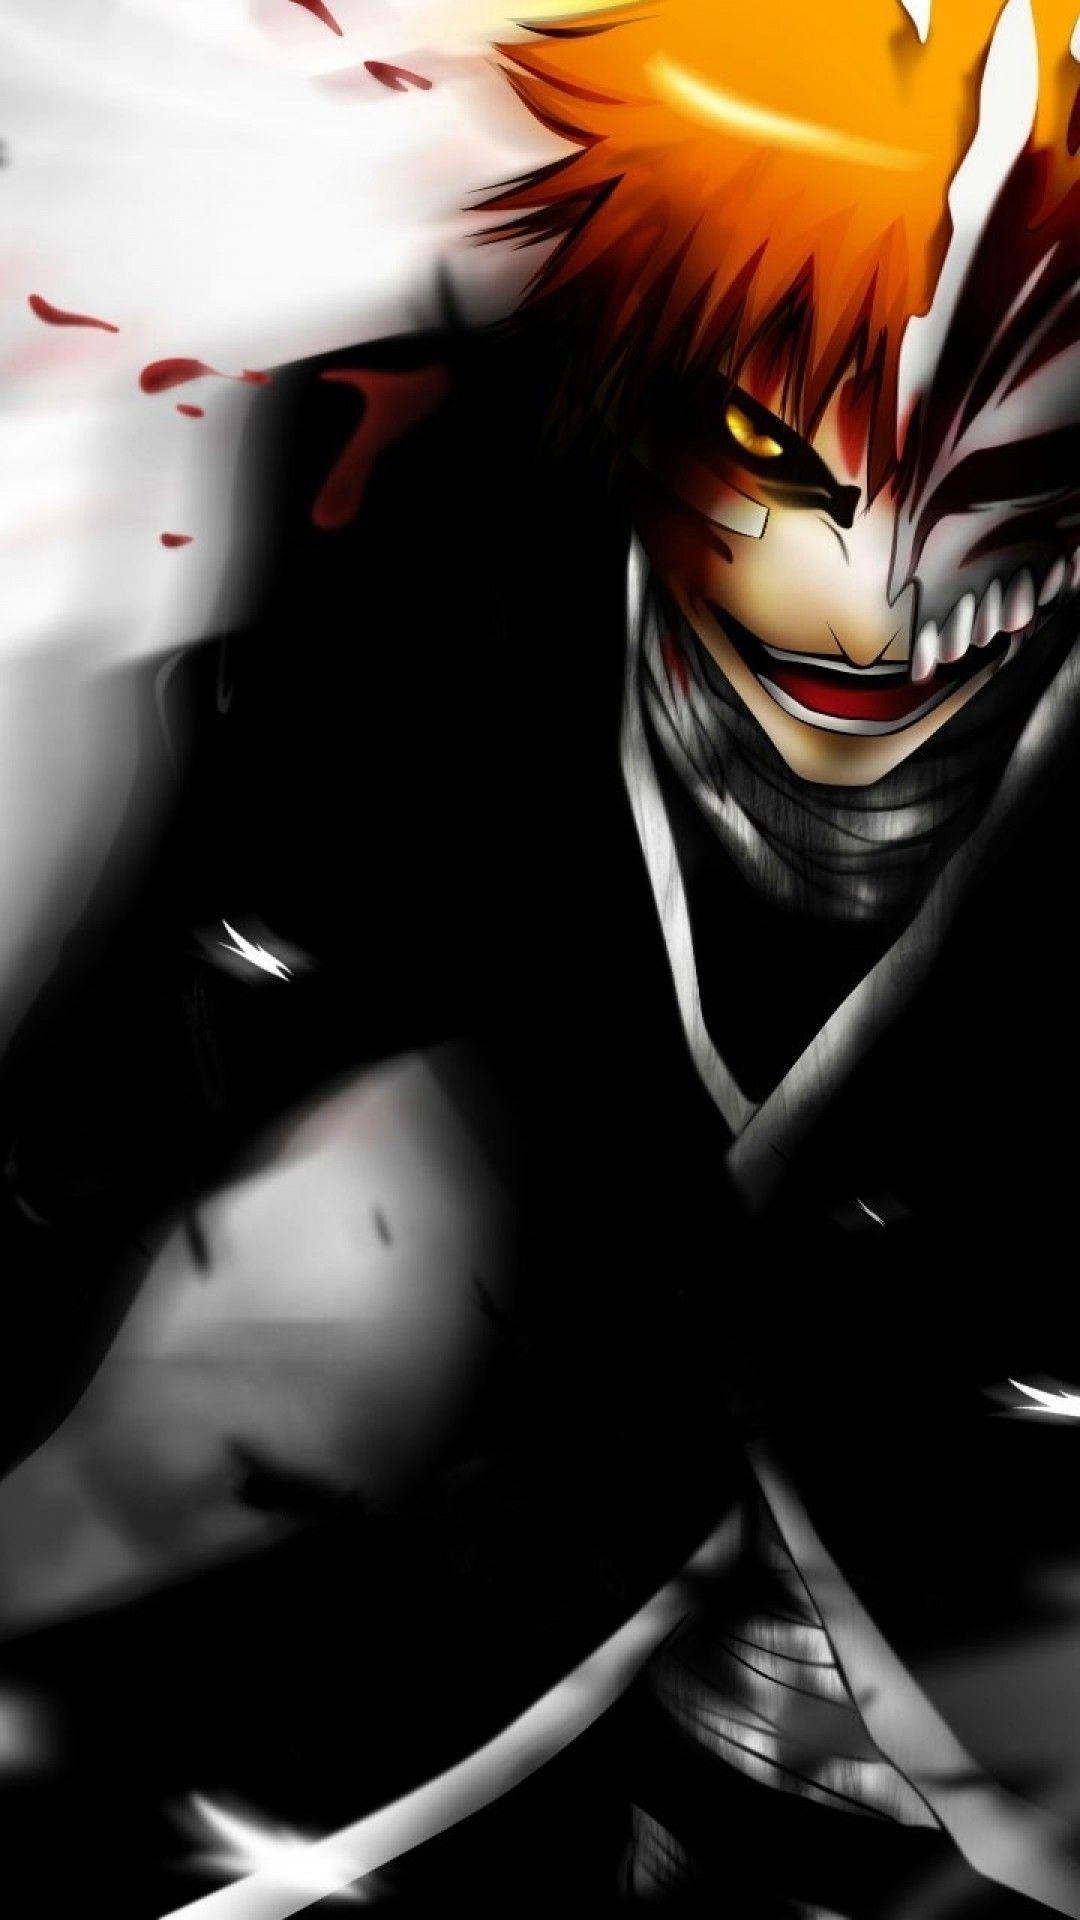 66225b65 1080x1920 Kurosaki Ichigo, Hollow, Bleach   Anime